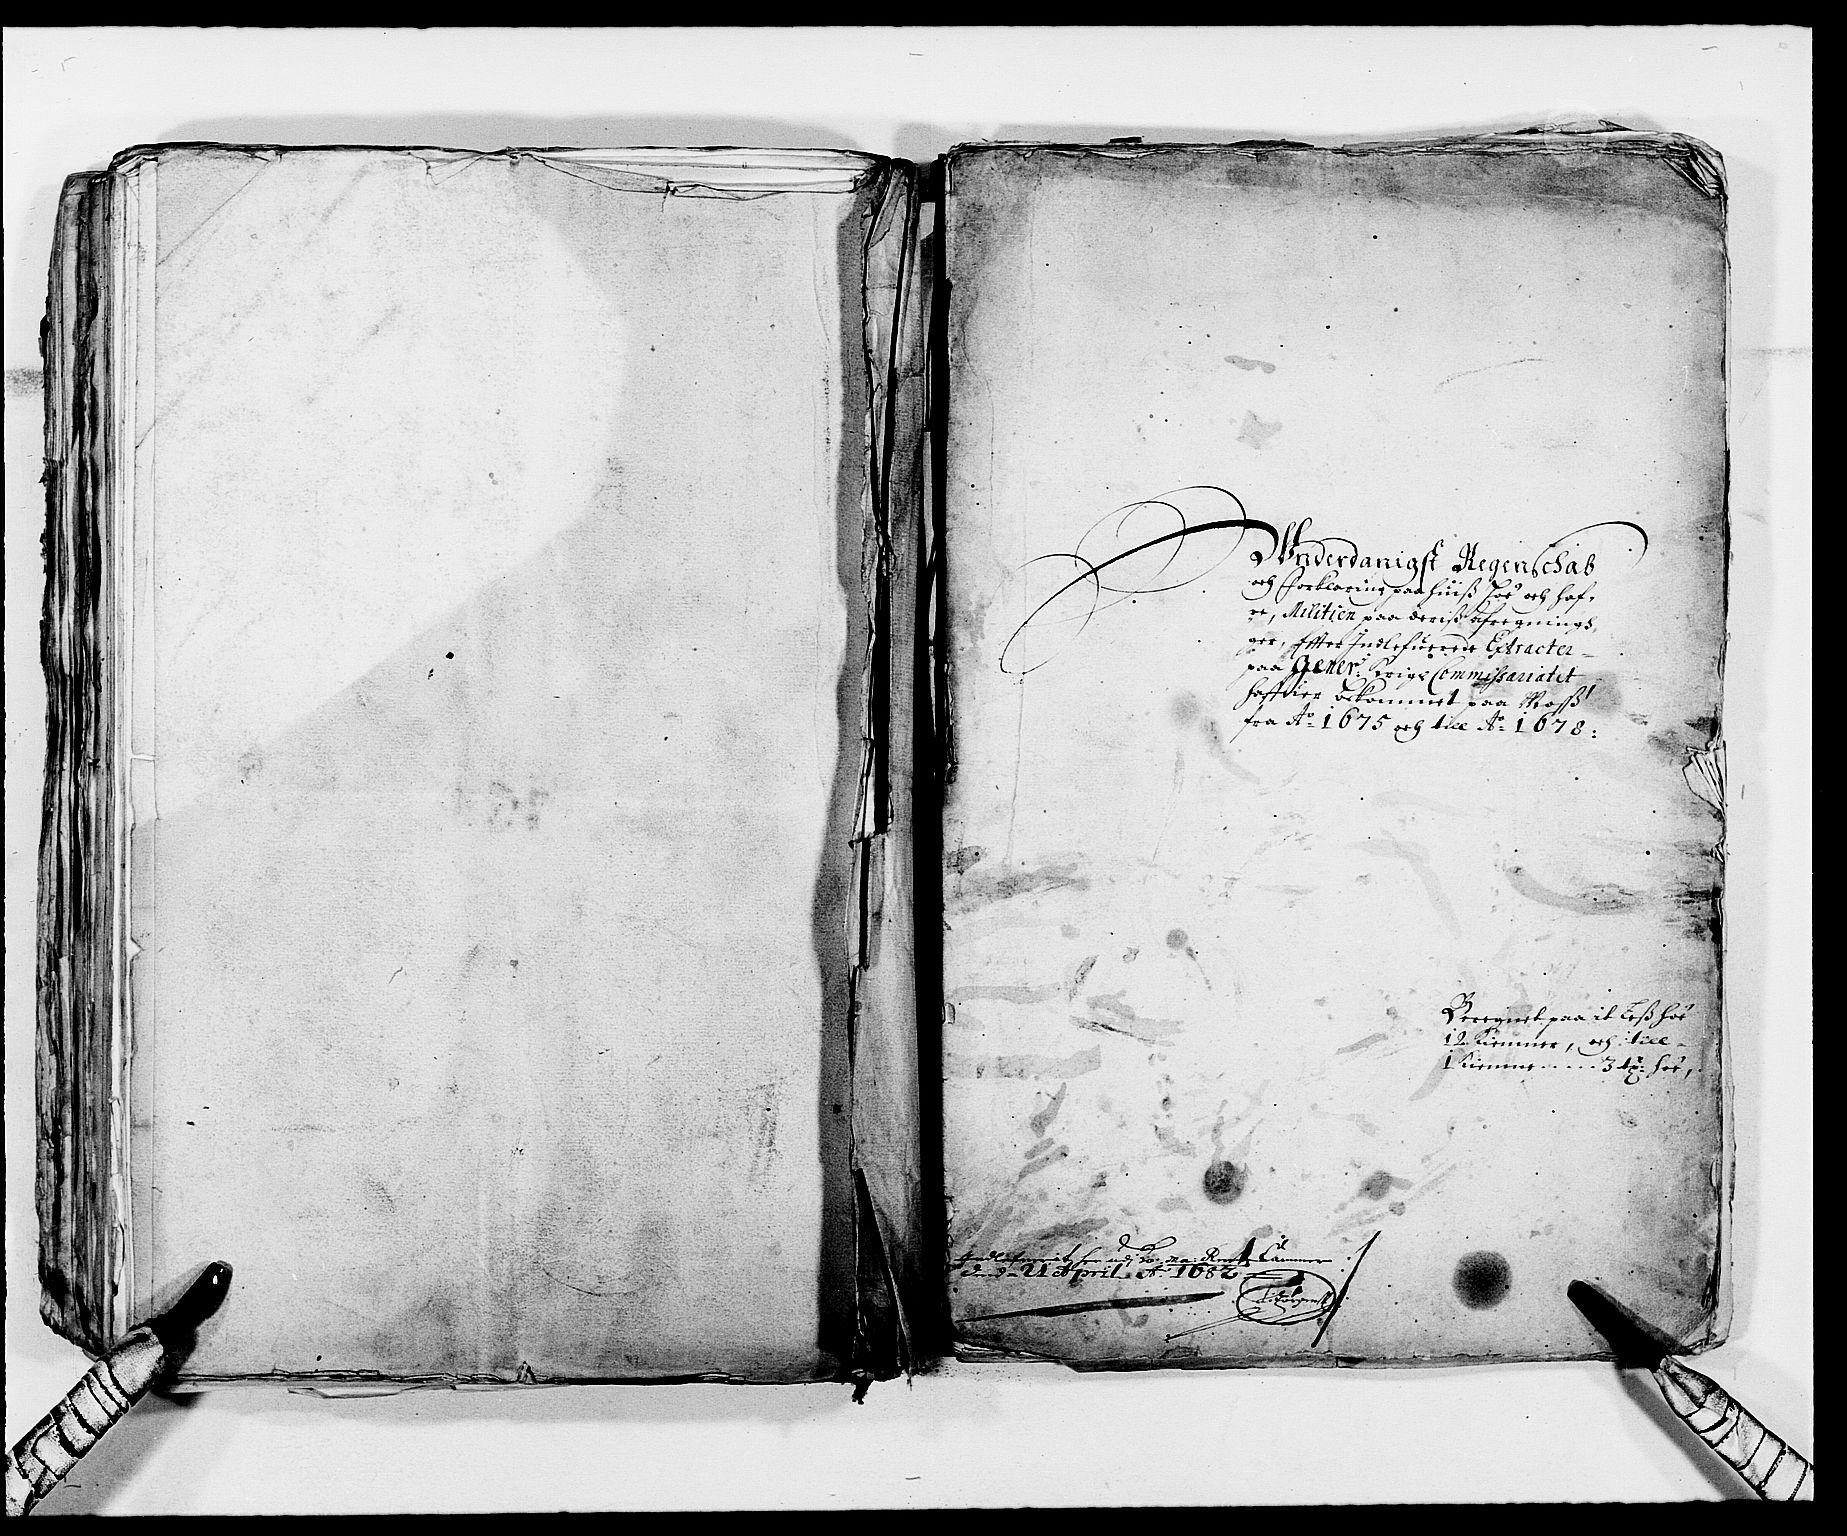 RA, Rentekammeret inntil 1814, Reviderte regnskaper, Fogderegnskap, R02/L0102: Fogderegnskap Moss og Verne kloster, 1675-1681, s. 220